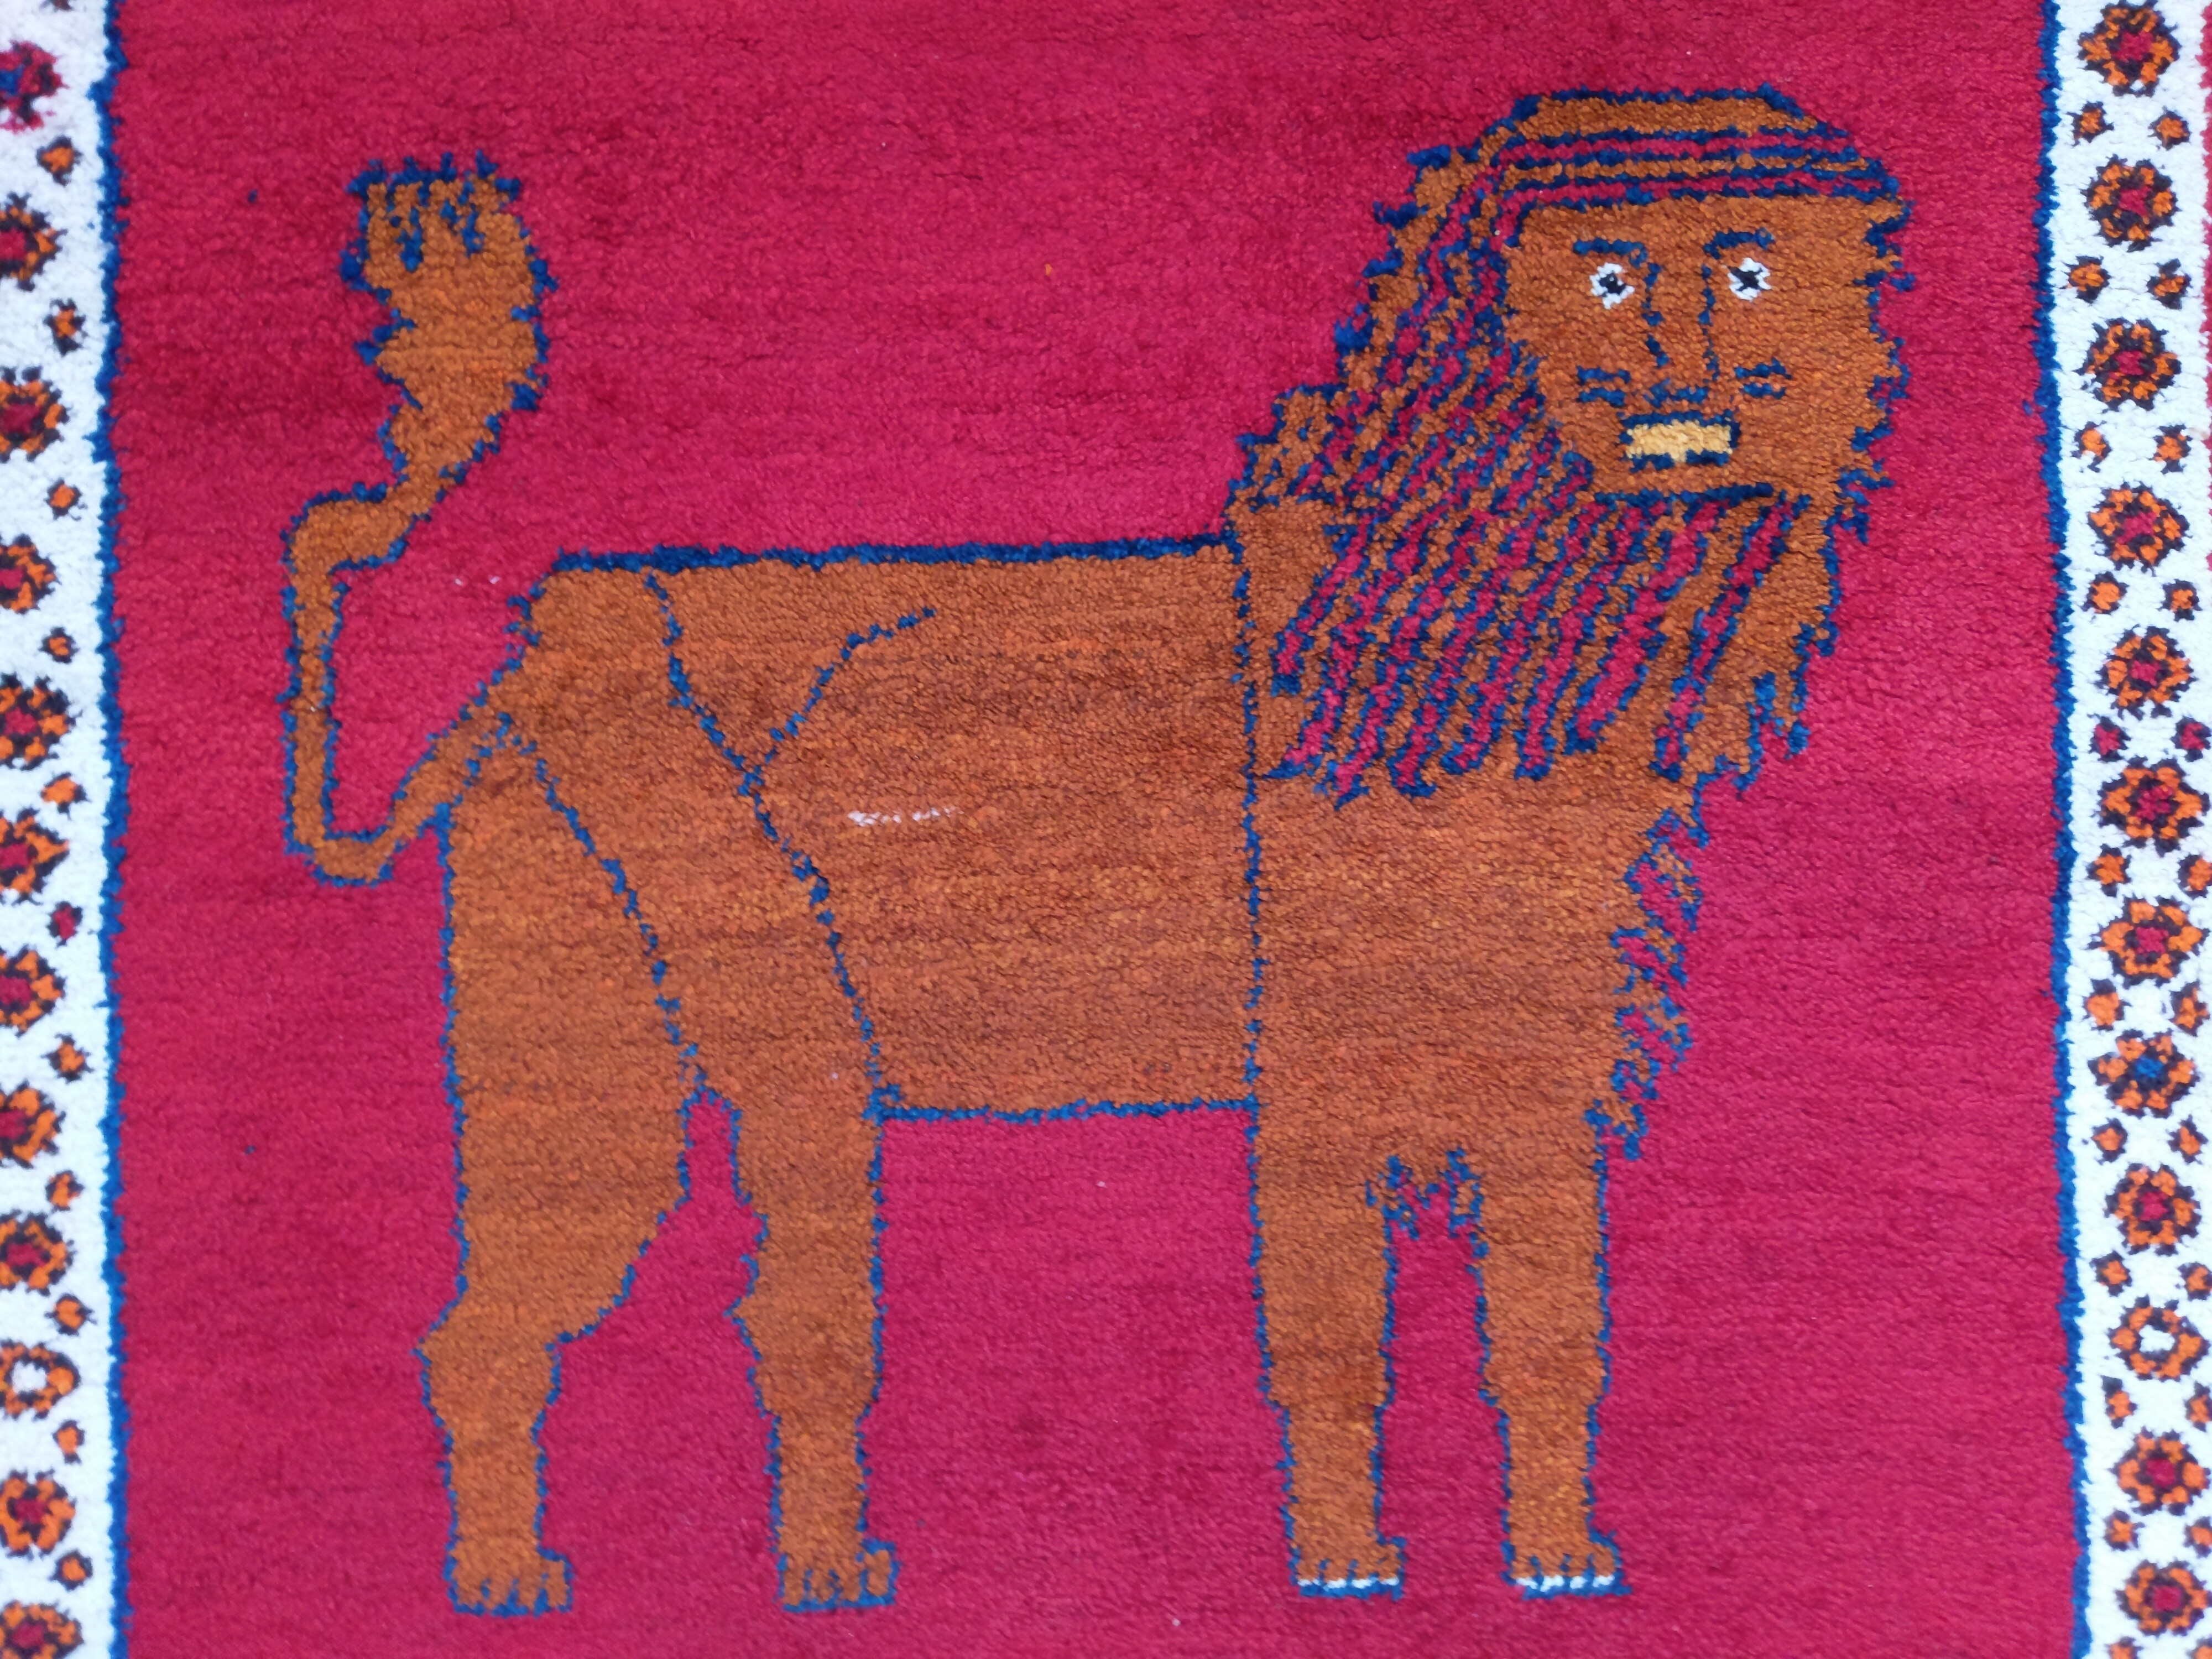 داستان نقش شیر قالی و خواستگاری از دختران قشقایی